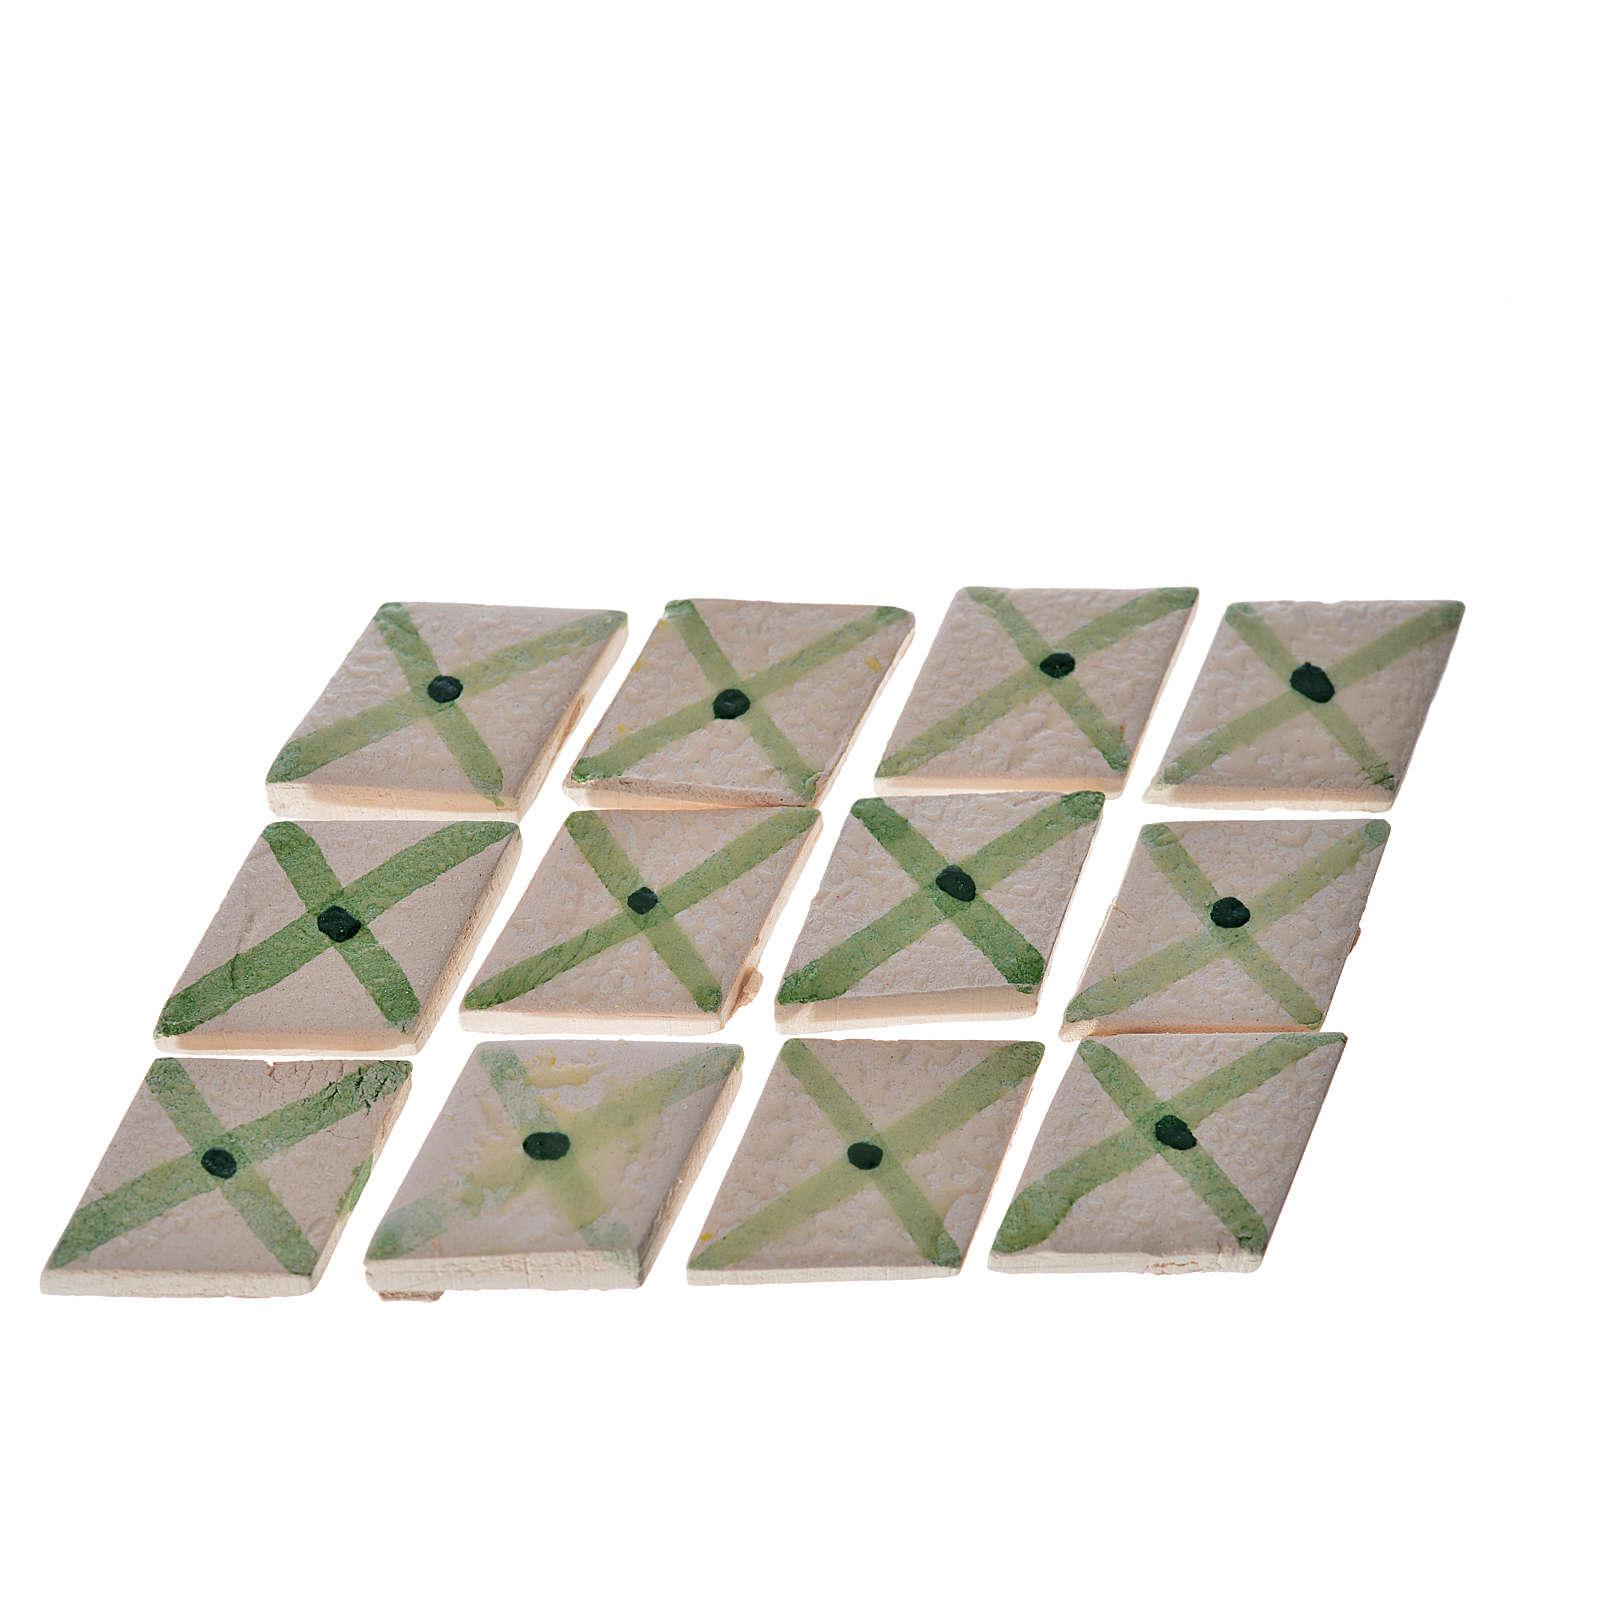 Carreaux losange rayures vert crèche 60 pcs terre cuite 4